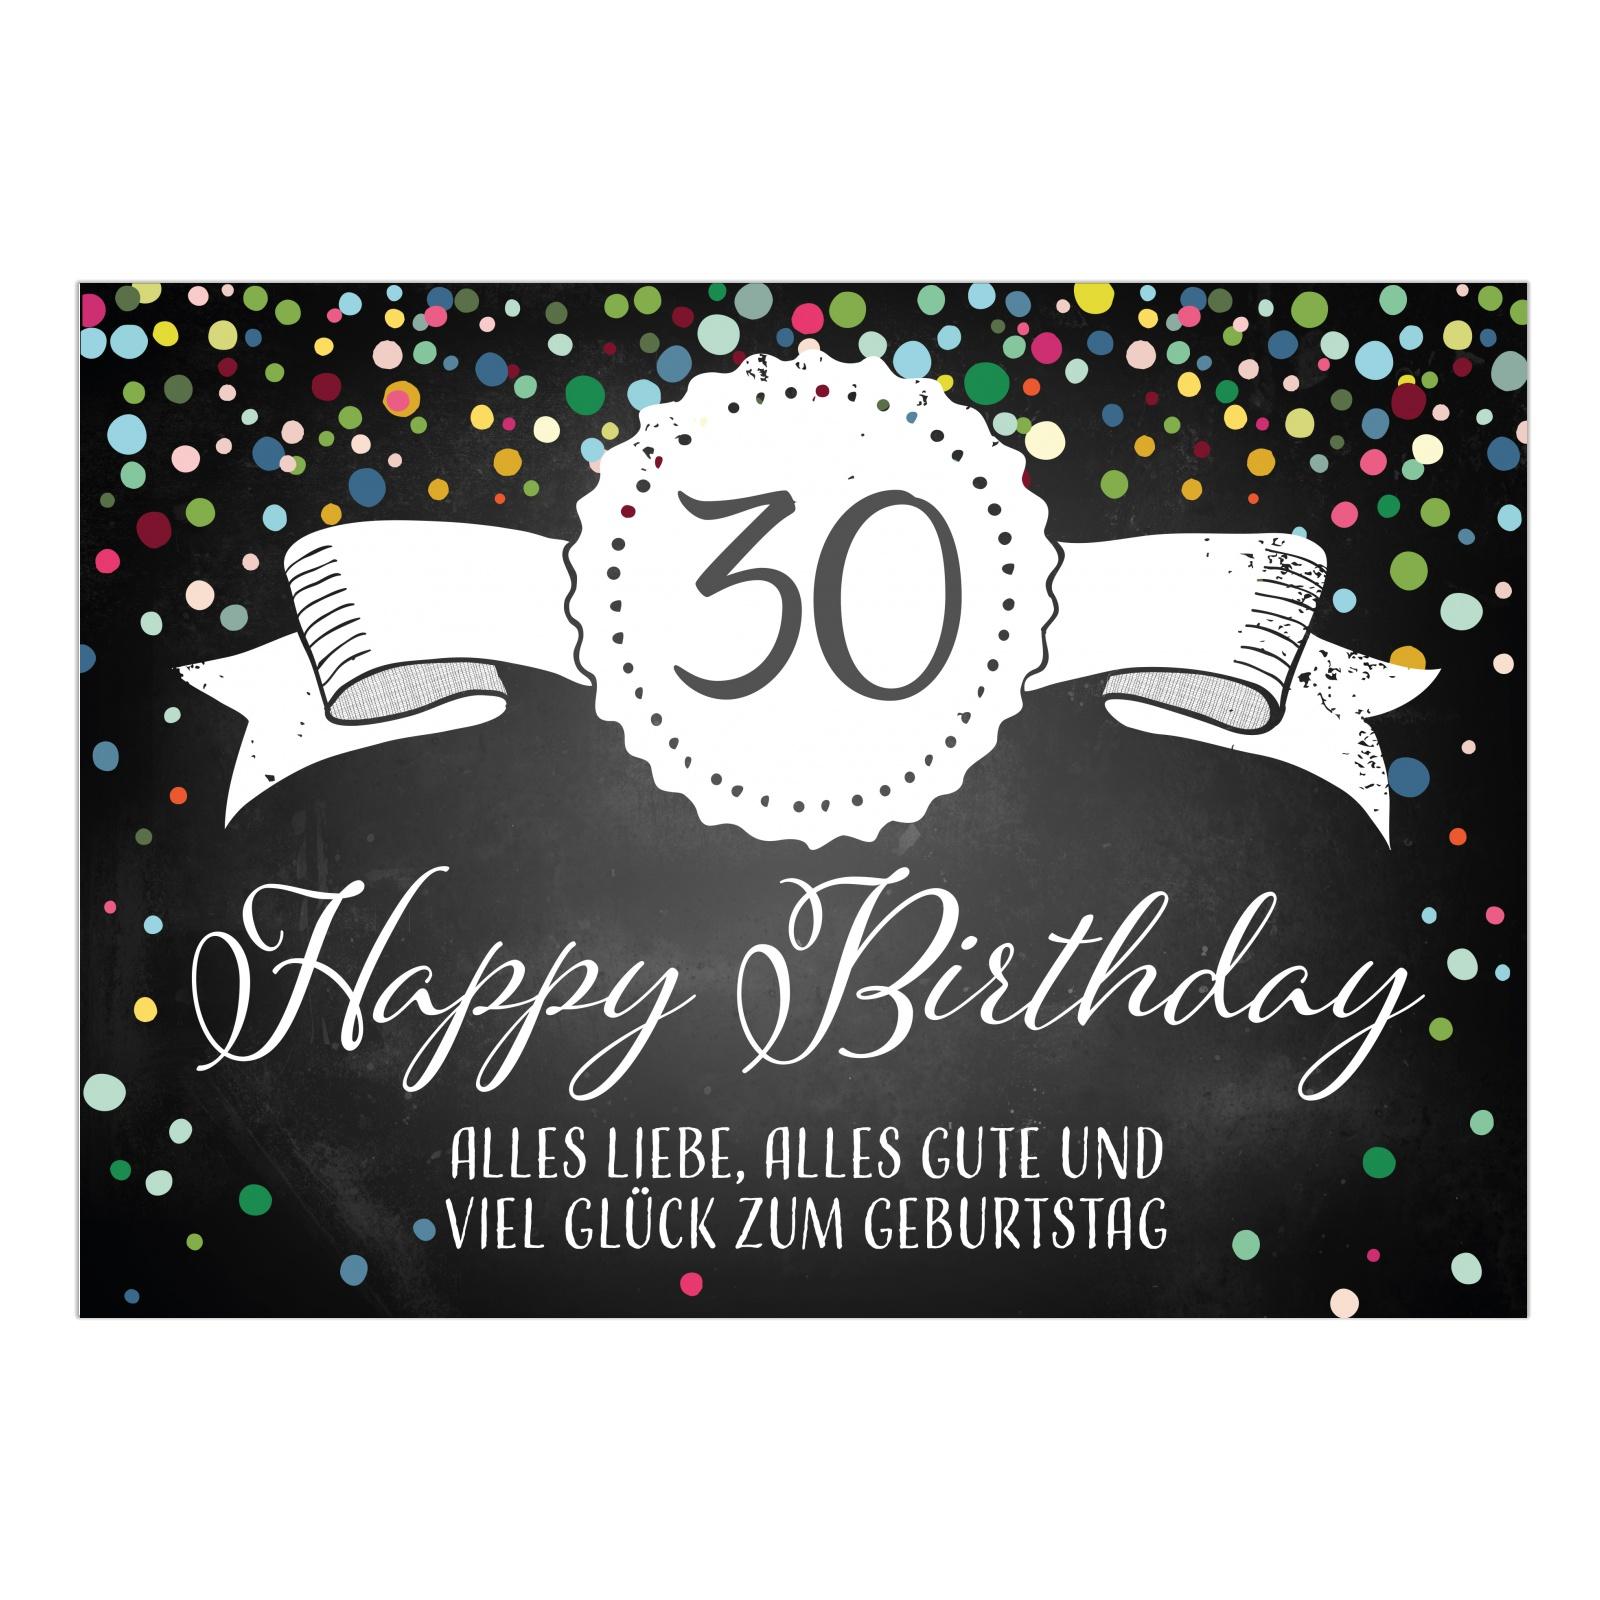 Große XXL Glückwunsch-Karte zum 30. Geburtstag mit